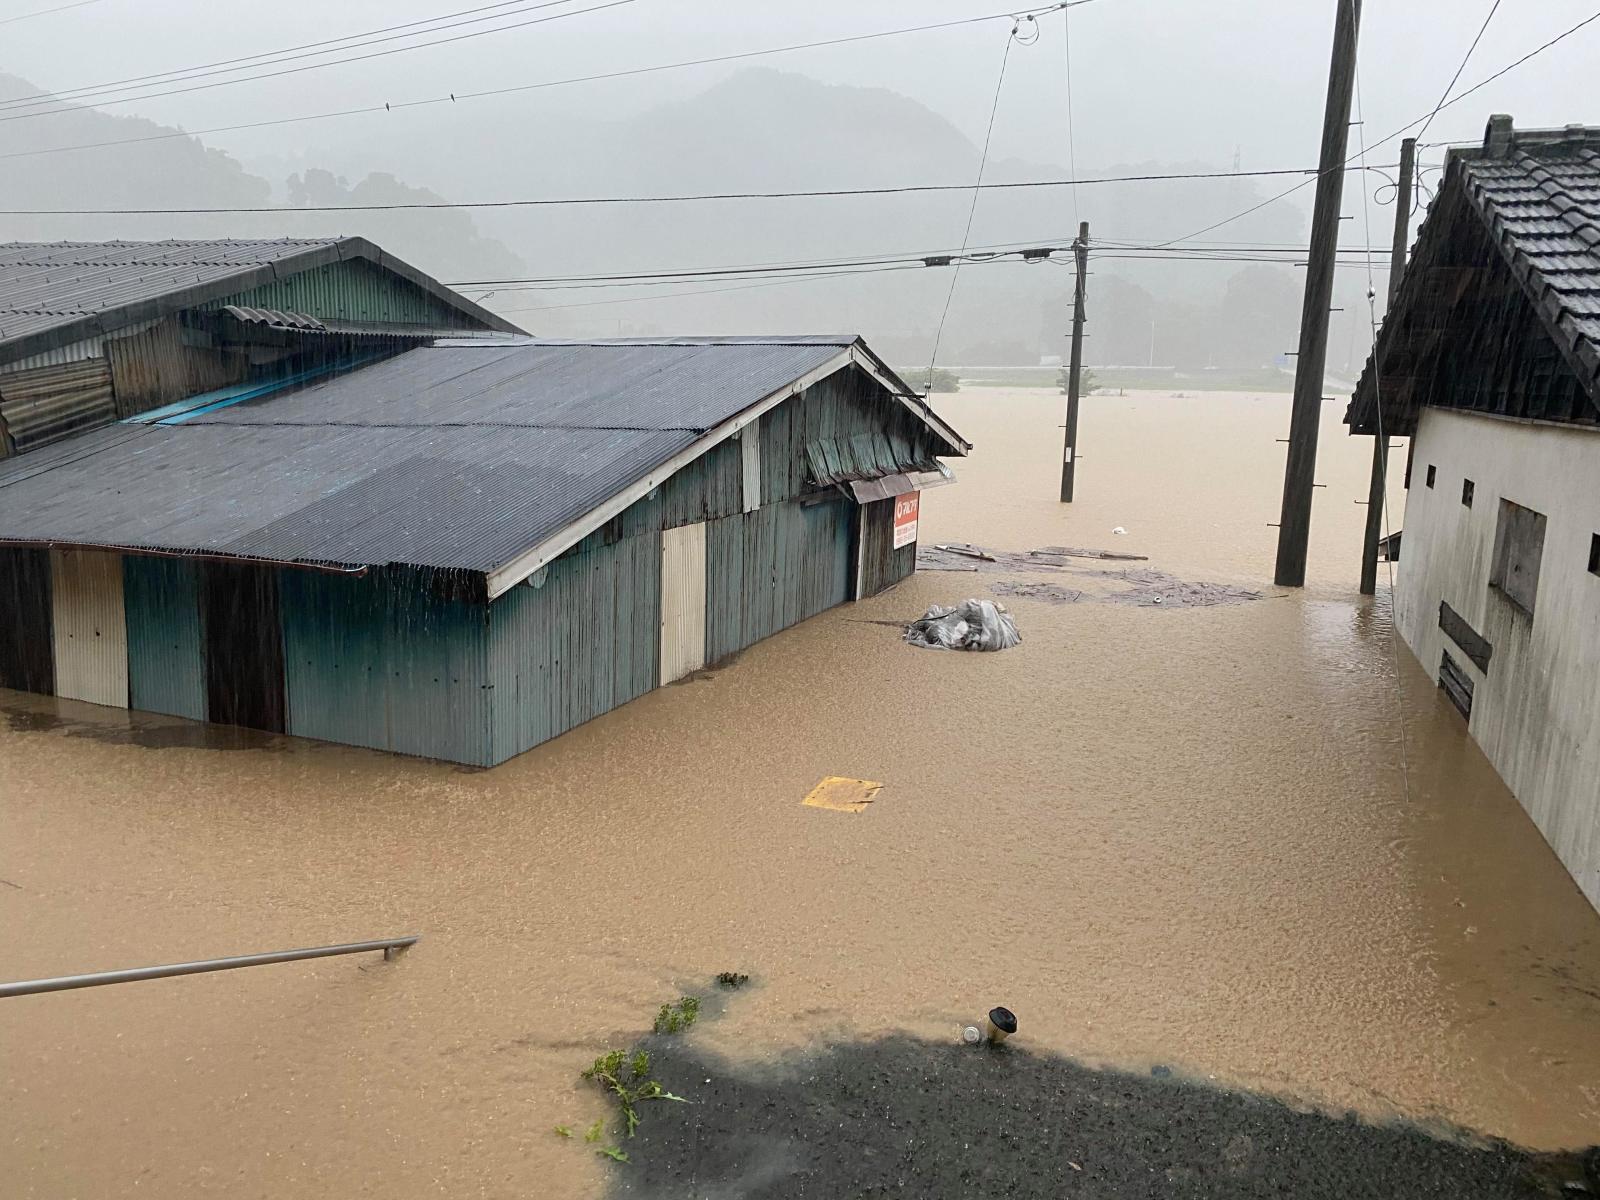 『令和2年7月豪雨』で被害を受けた釜さんの自宅近くの様子